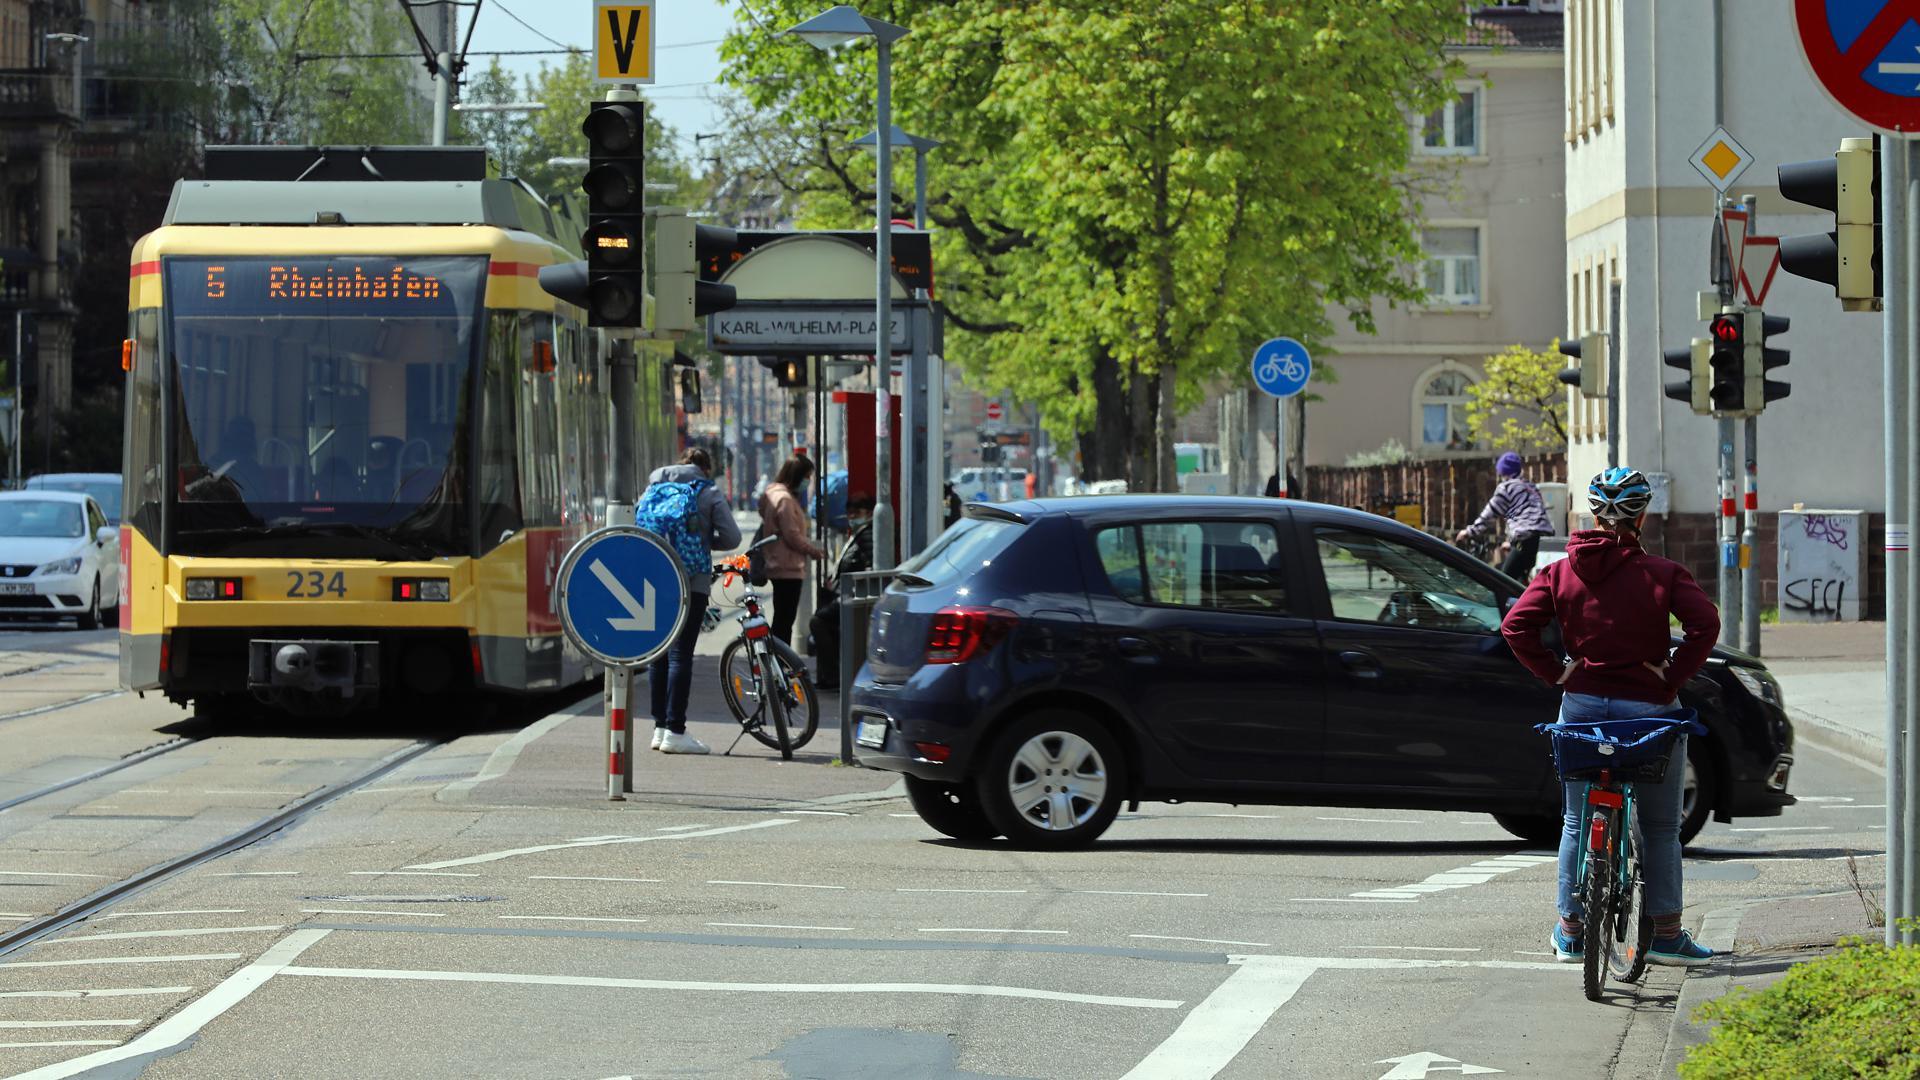 22.04.2021 Fahrrad, Auto, Straßenbahn: Fußgänger begegnen am Karl-Wilhelm-Platz in der Karlsruher Oststadt vielen unterschiedlichen Verkehrsteilnehmern.